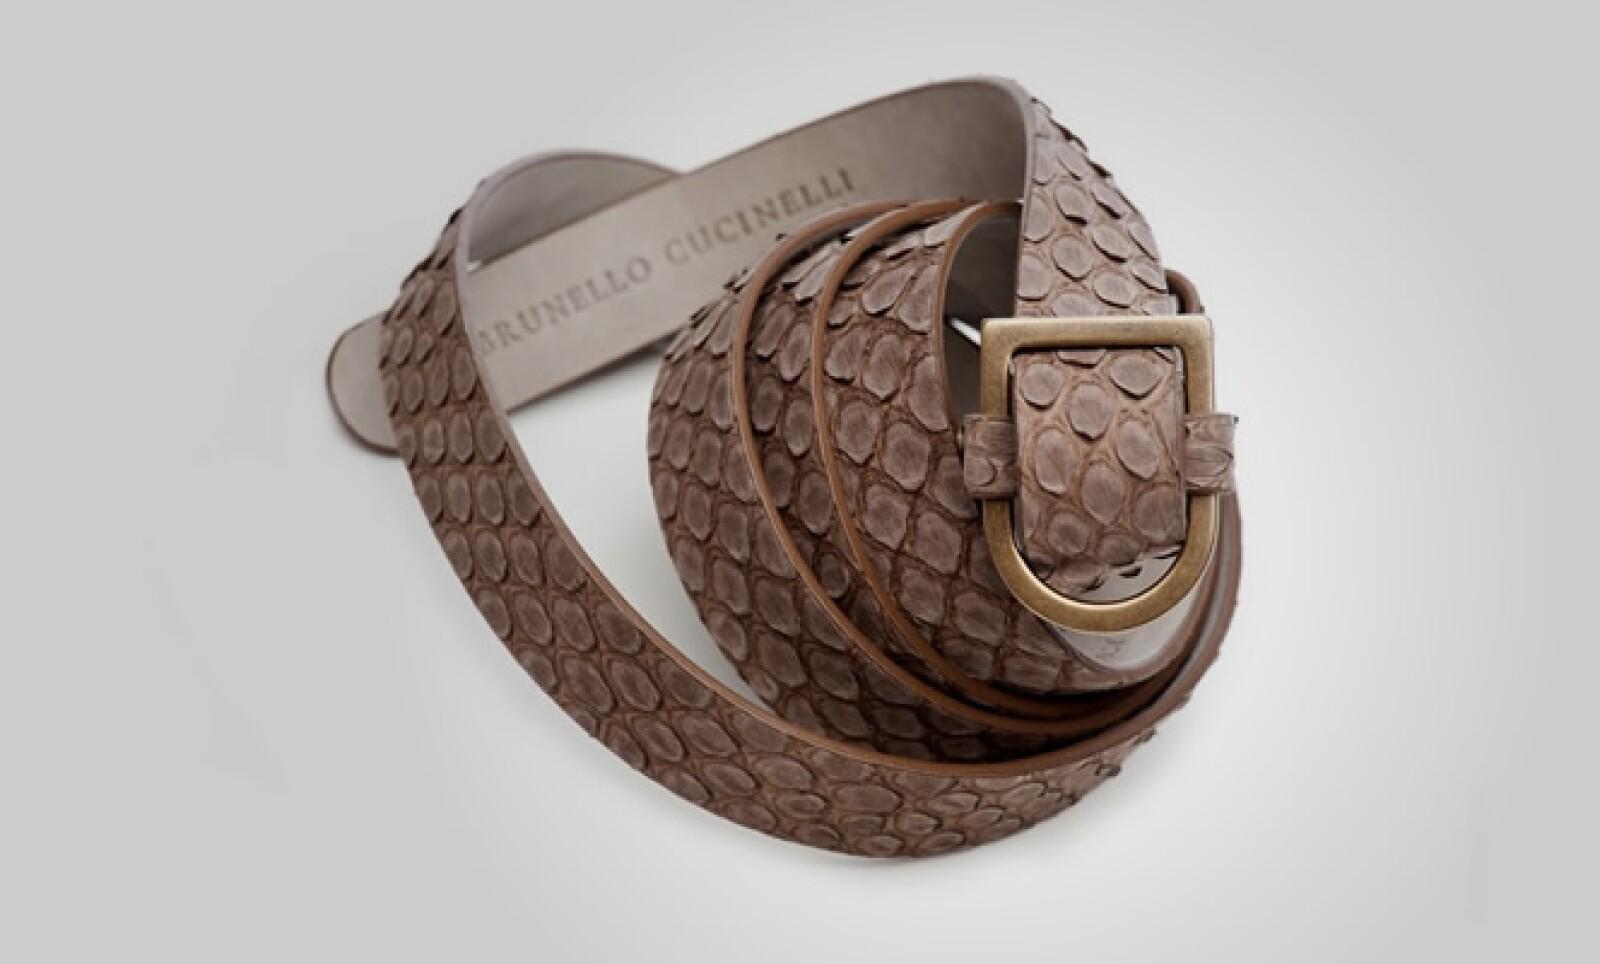 Puedes combinarla con este cinturón hecho en piel emulando textura de cocodrilo.